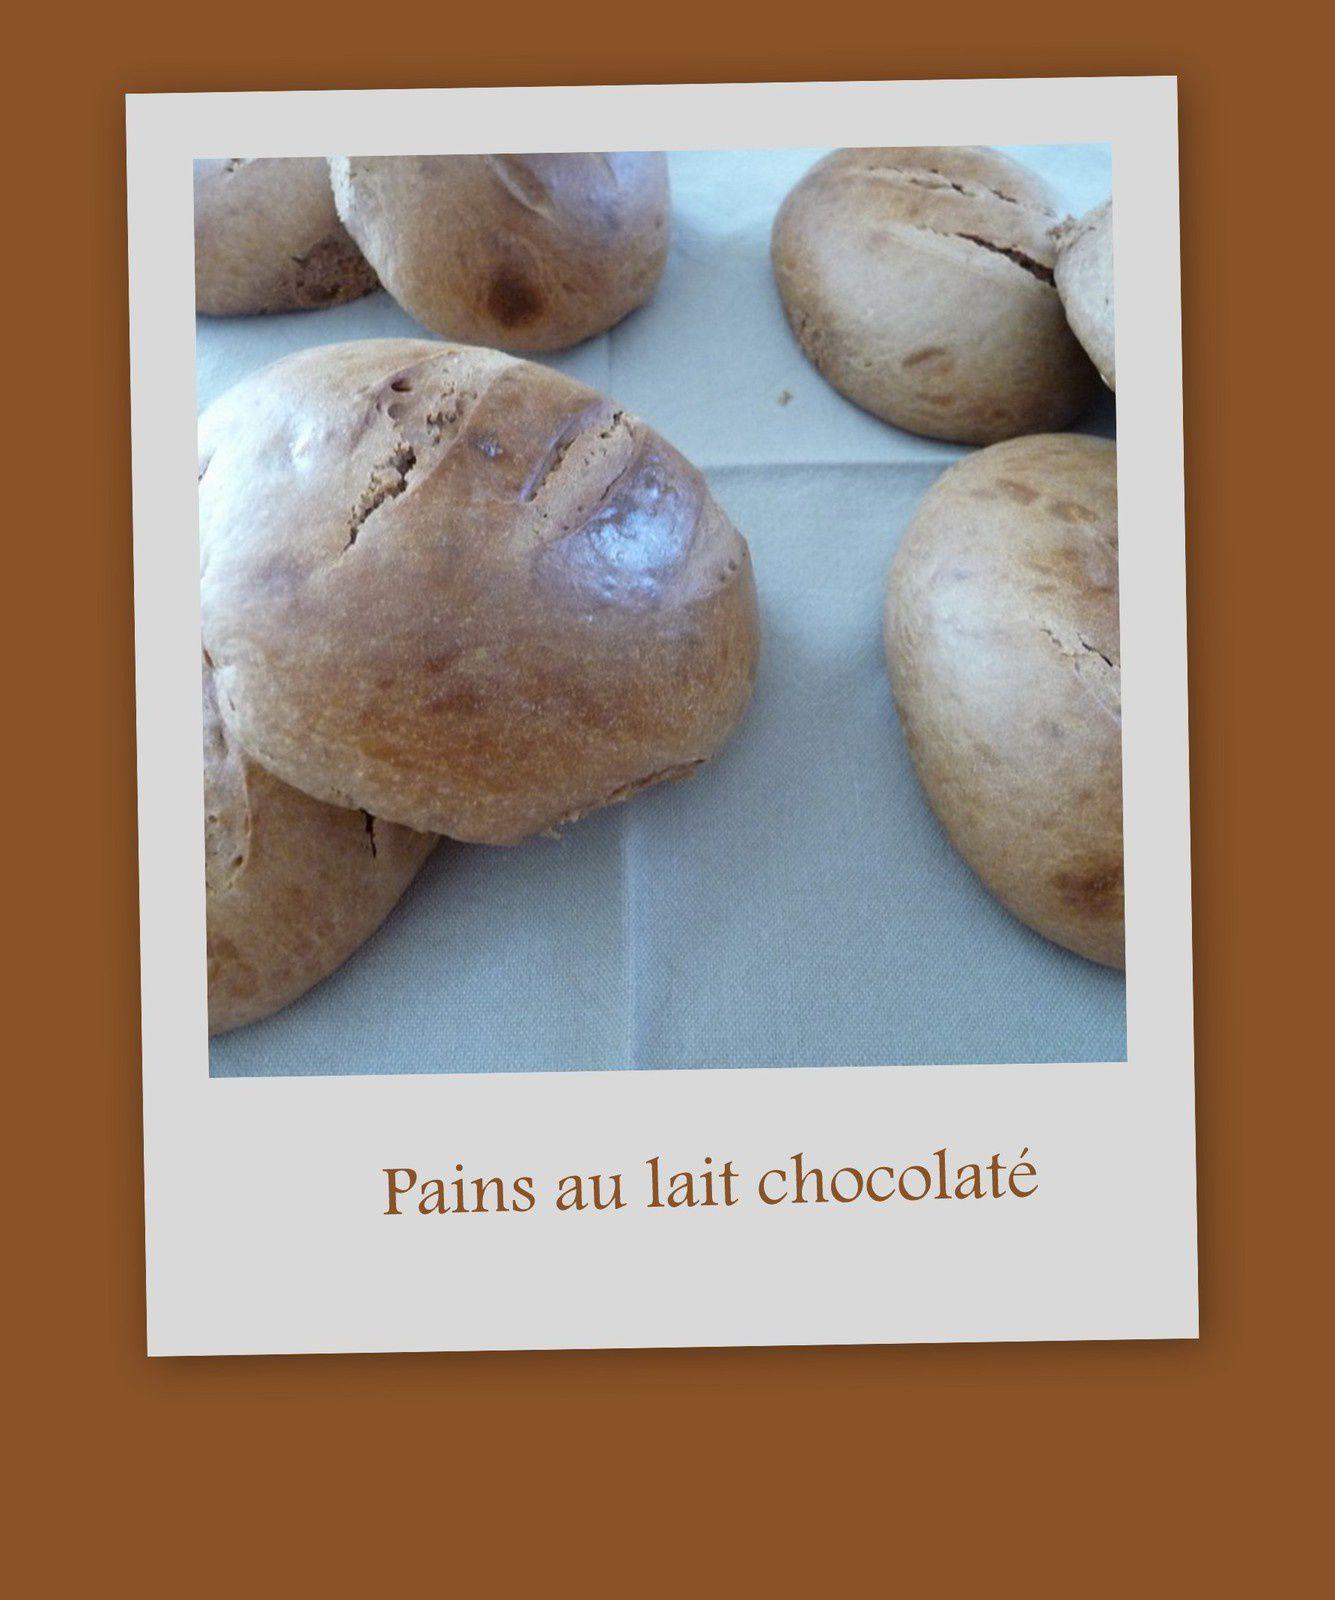 Pain au lait chocolaté